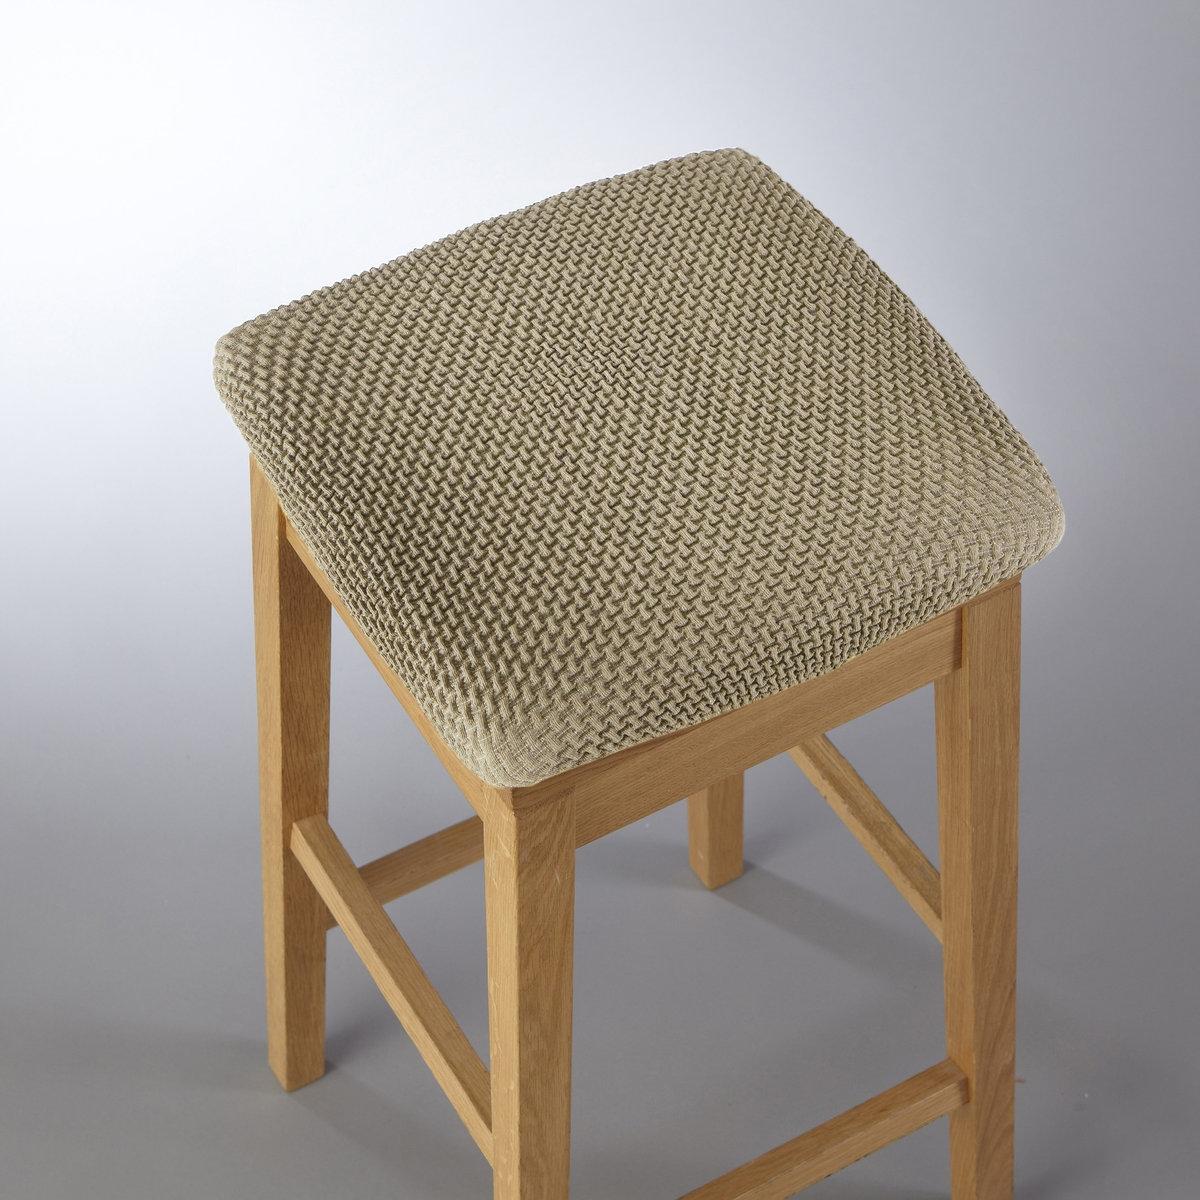 Чехлы для табуретаПросто и практично! Из эластичной гофрированной ткани, 55% хлопка, 40% полиэстера, 5% эластана. Стирка при 30°. Эластичный низ прекрасно закрывает табуреты любых типов.<br><br>Цвет: серо-бежевый<br>Размер: единый размер